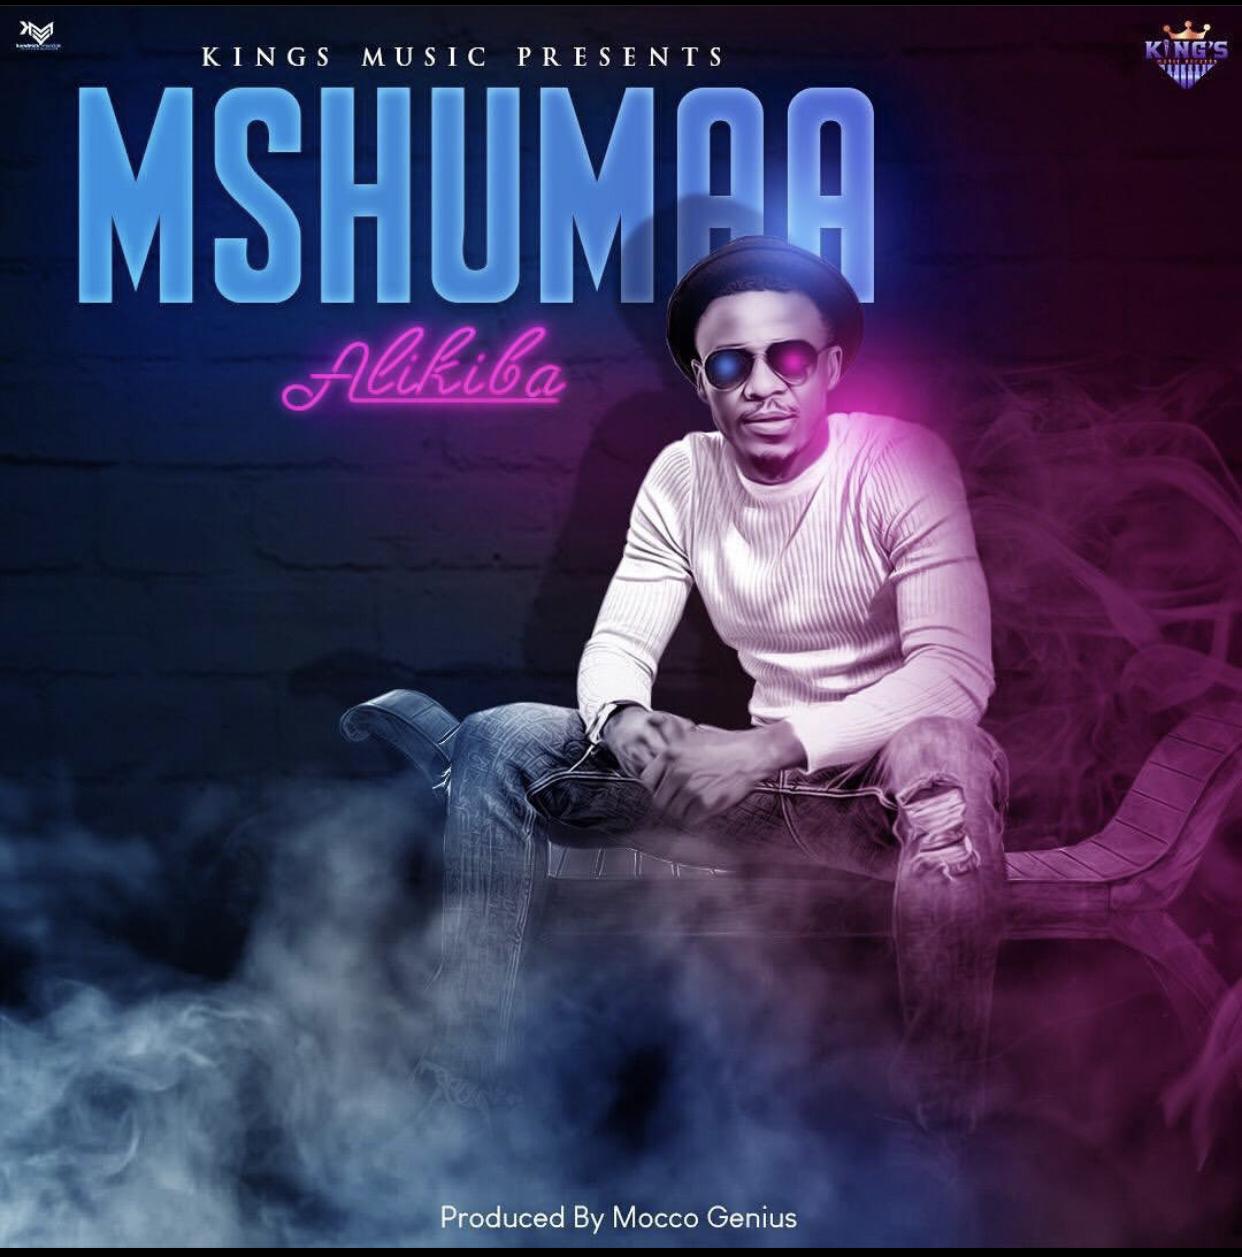 Mshumaa